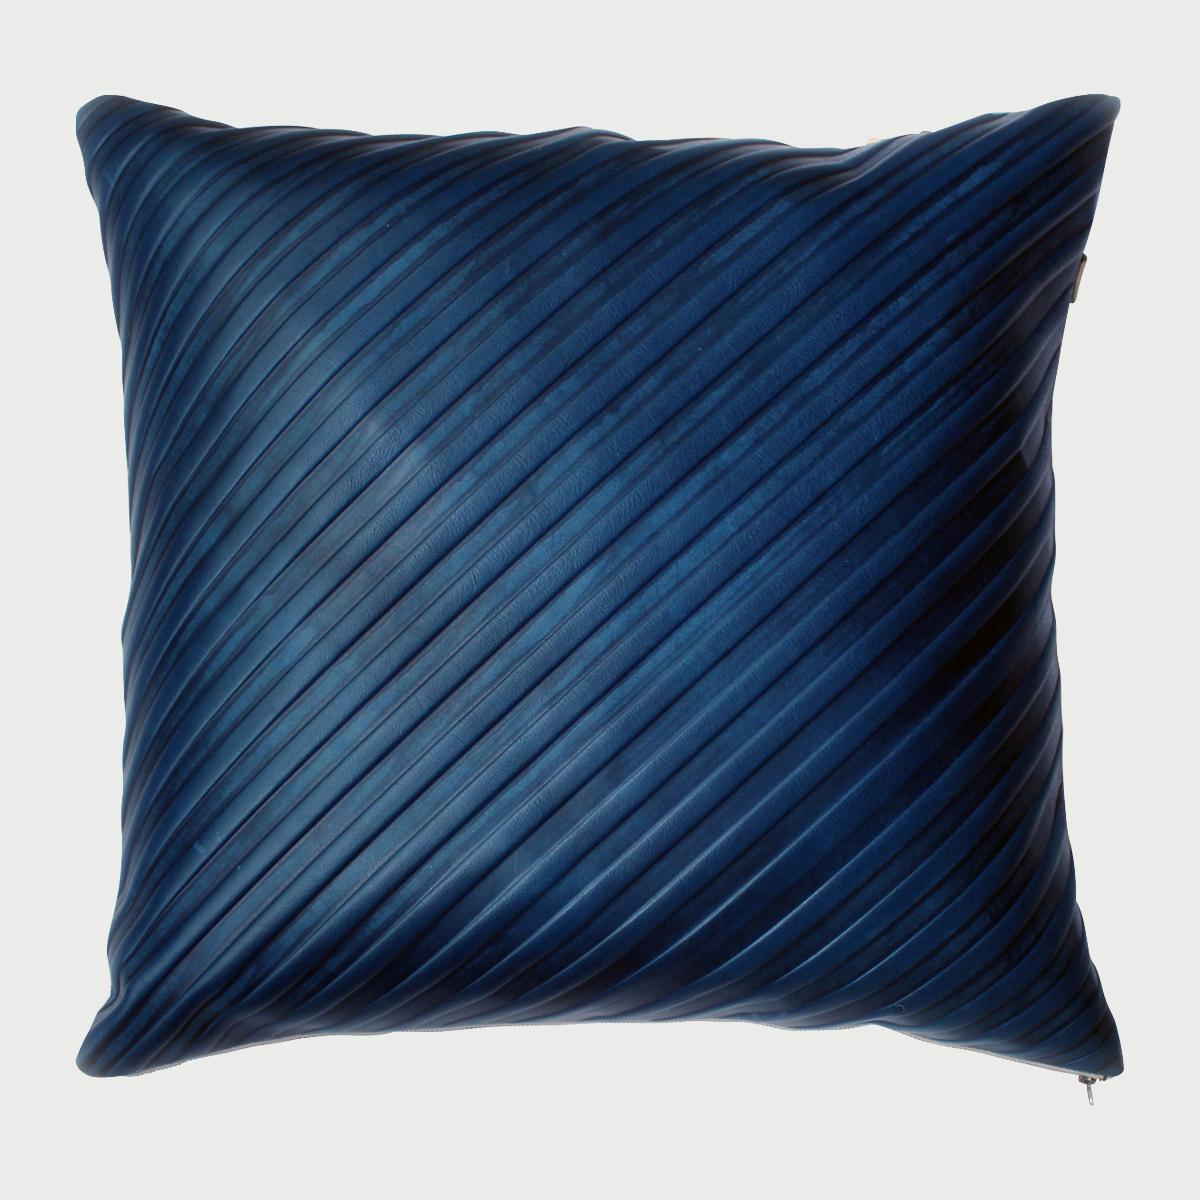 Avo set stripe emboss pillow 22x22 blue